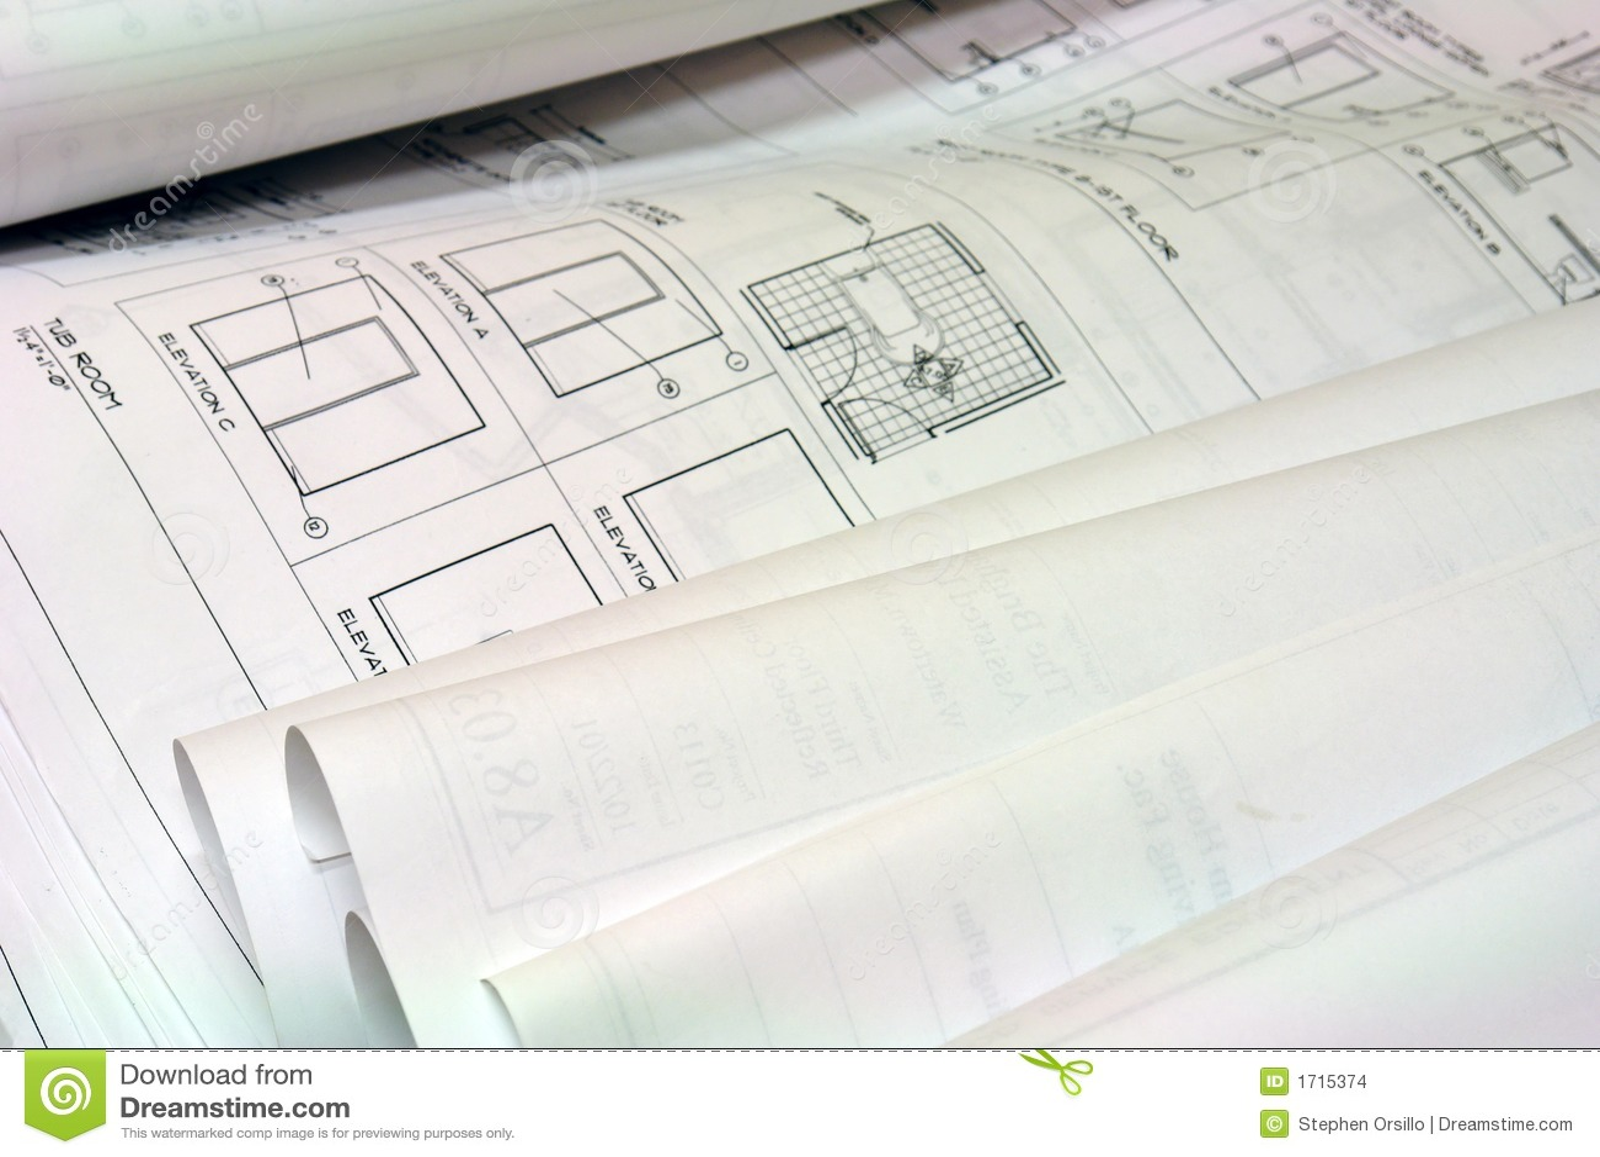 Blue Print Building Plans Stock Images Image 1715374